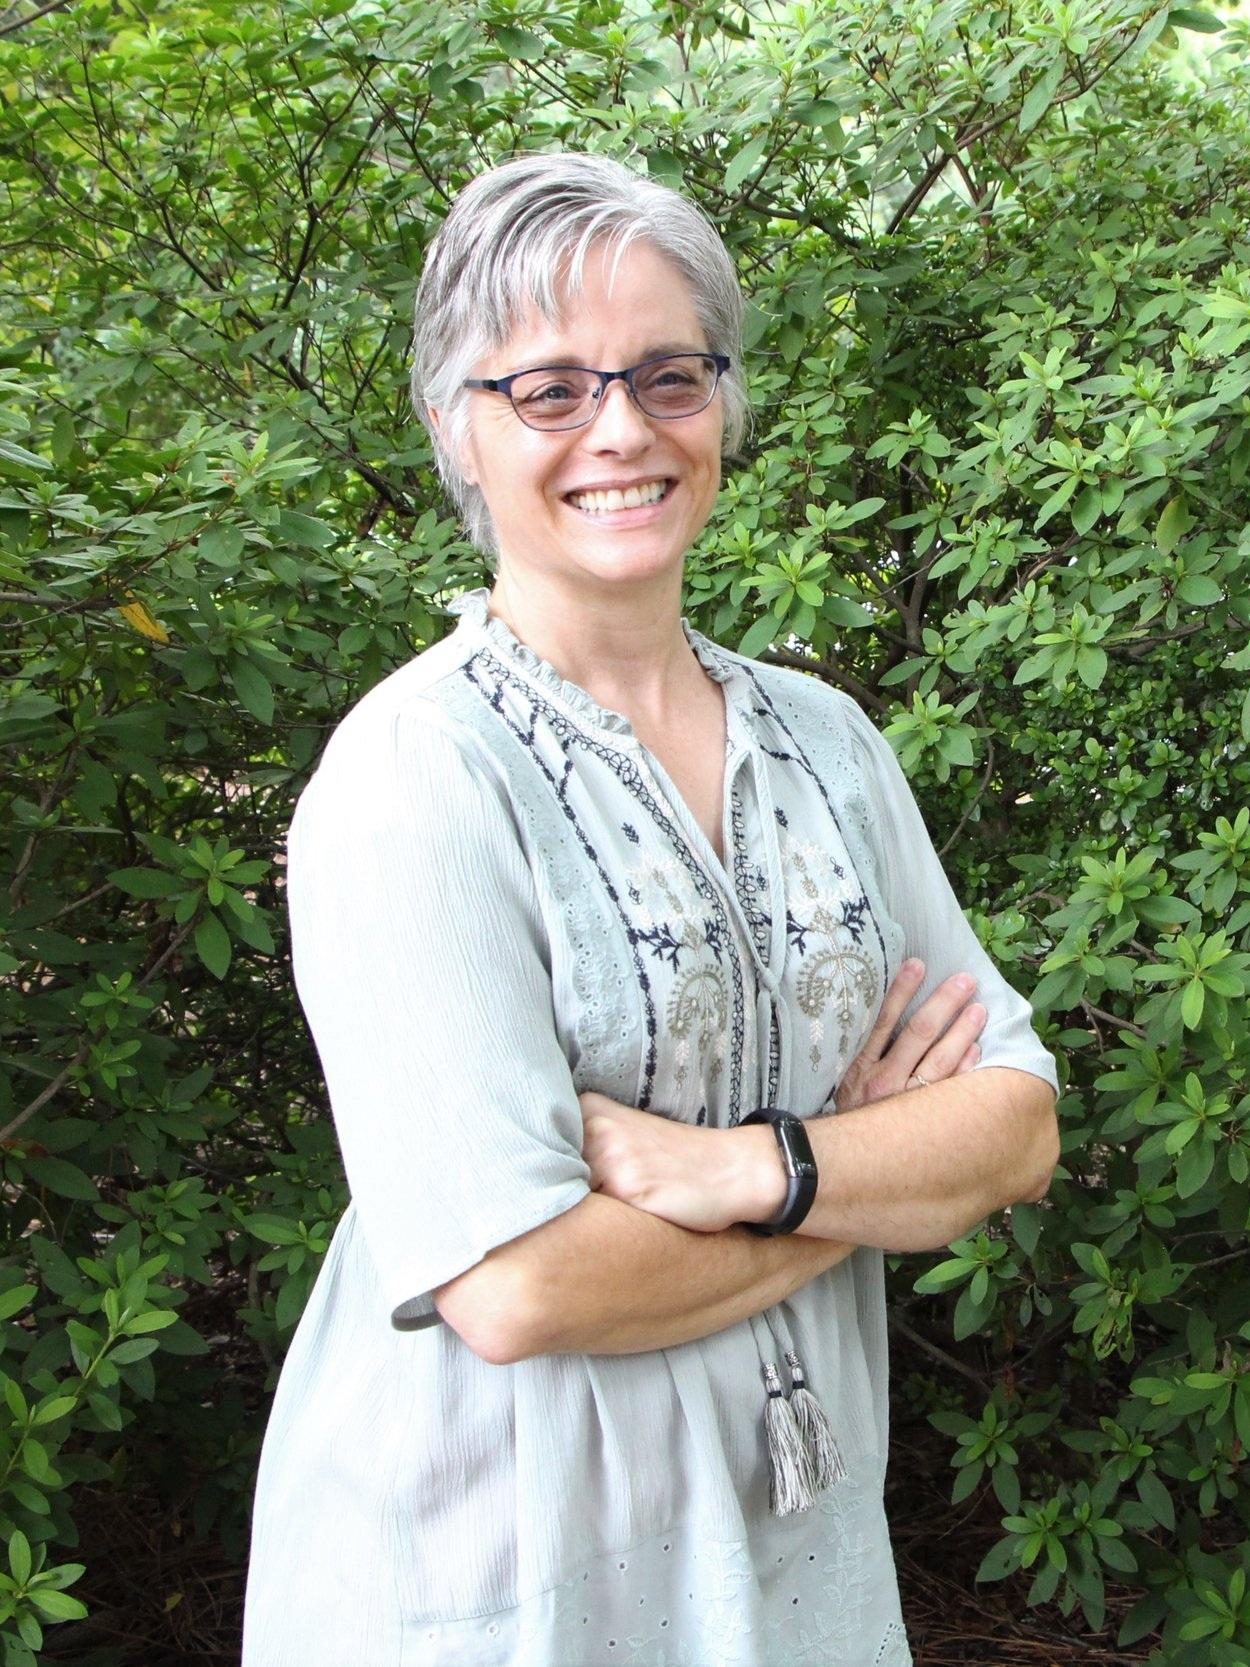 Susan+Teerlink.jpg